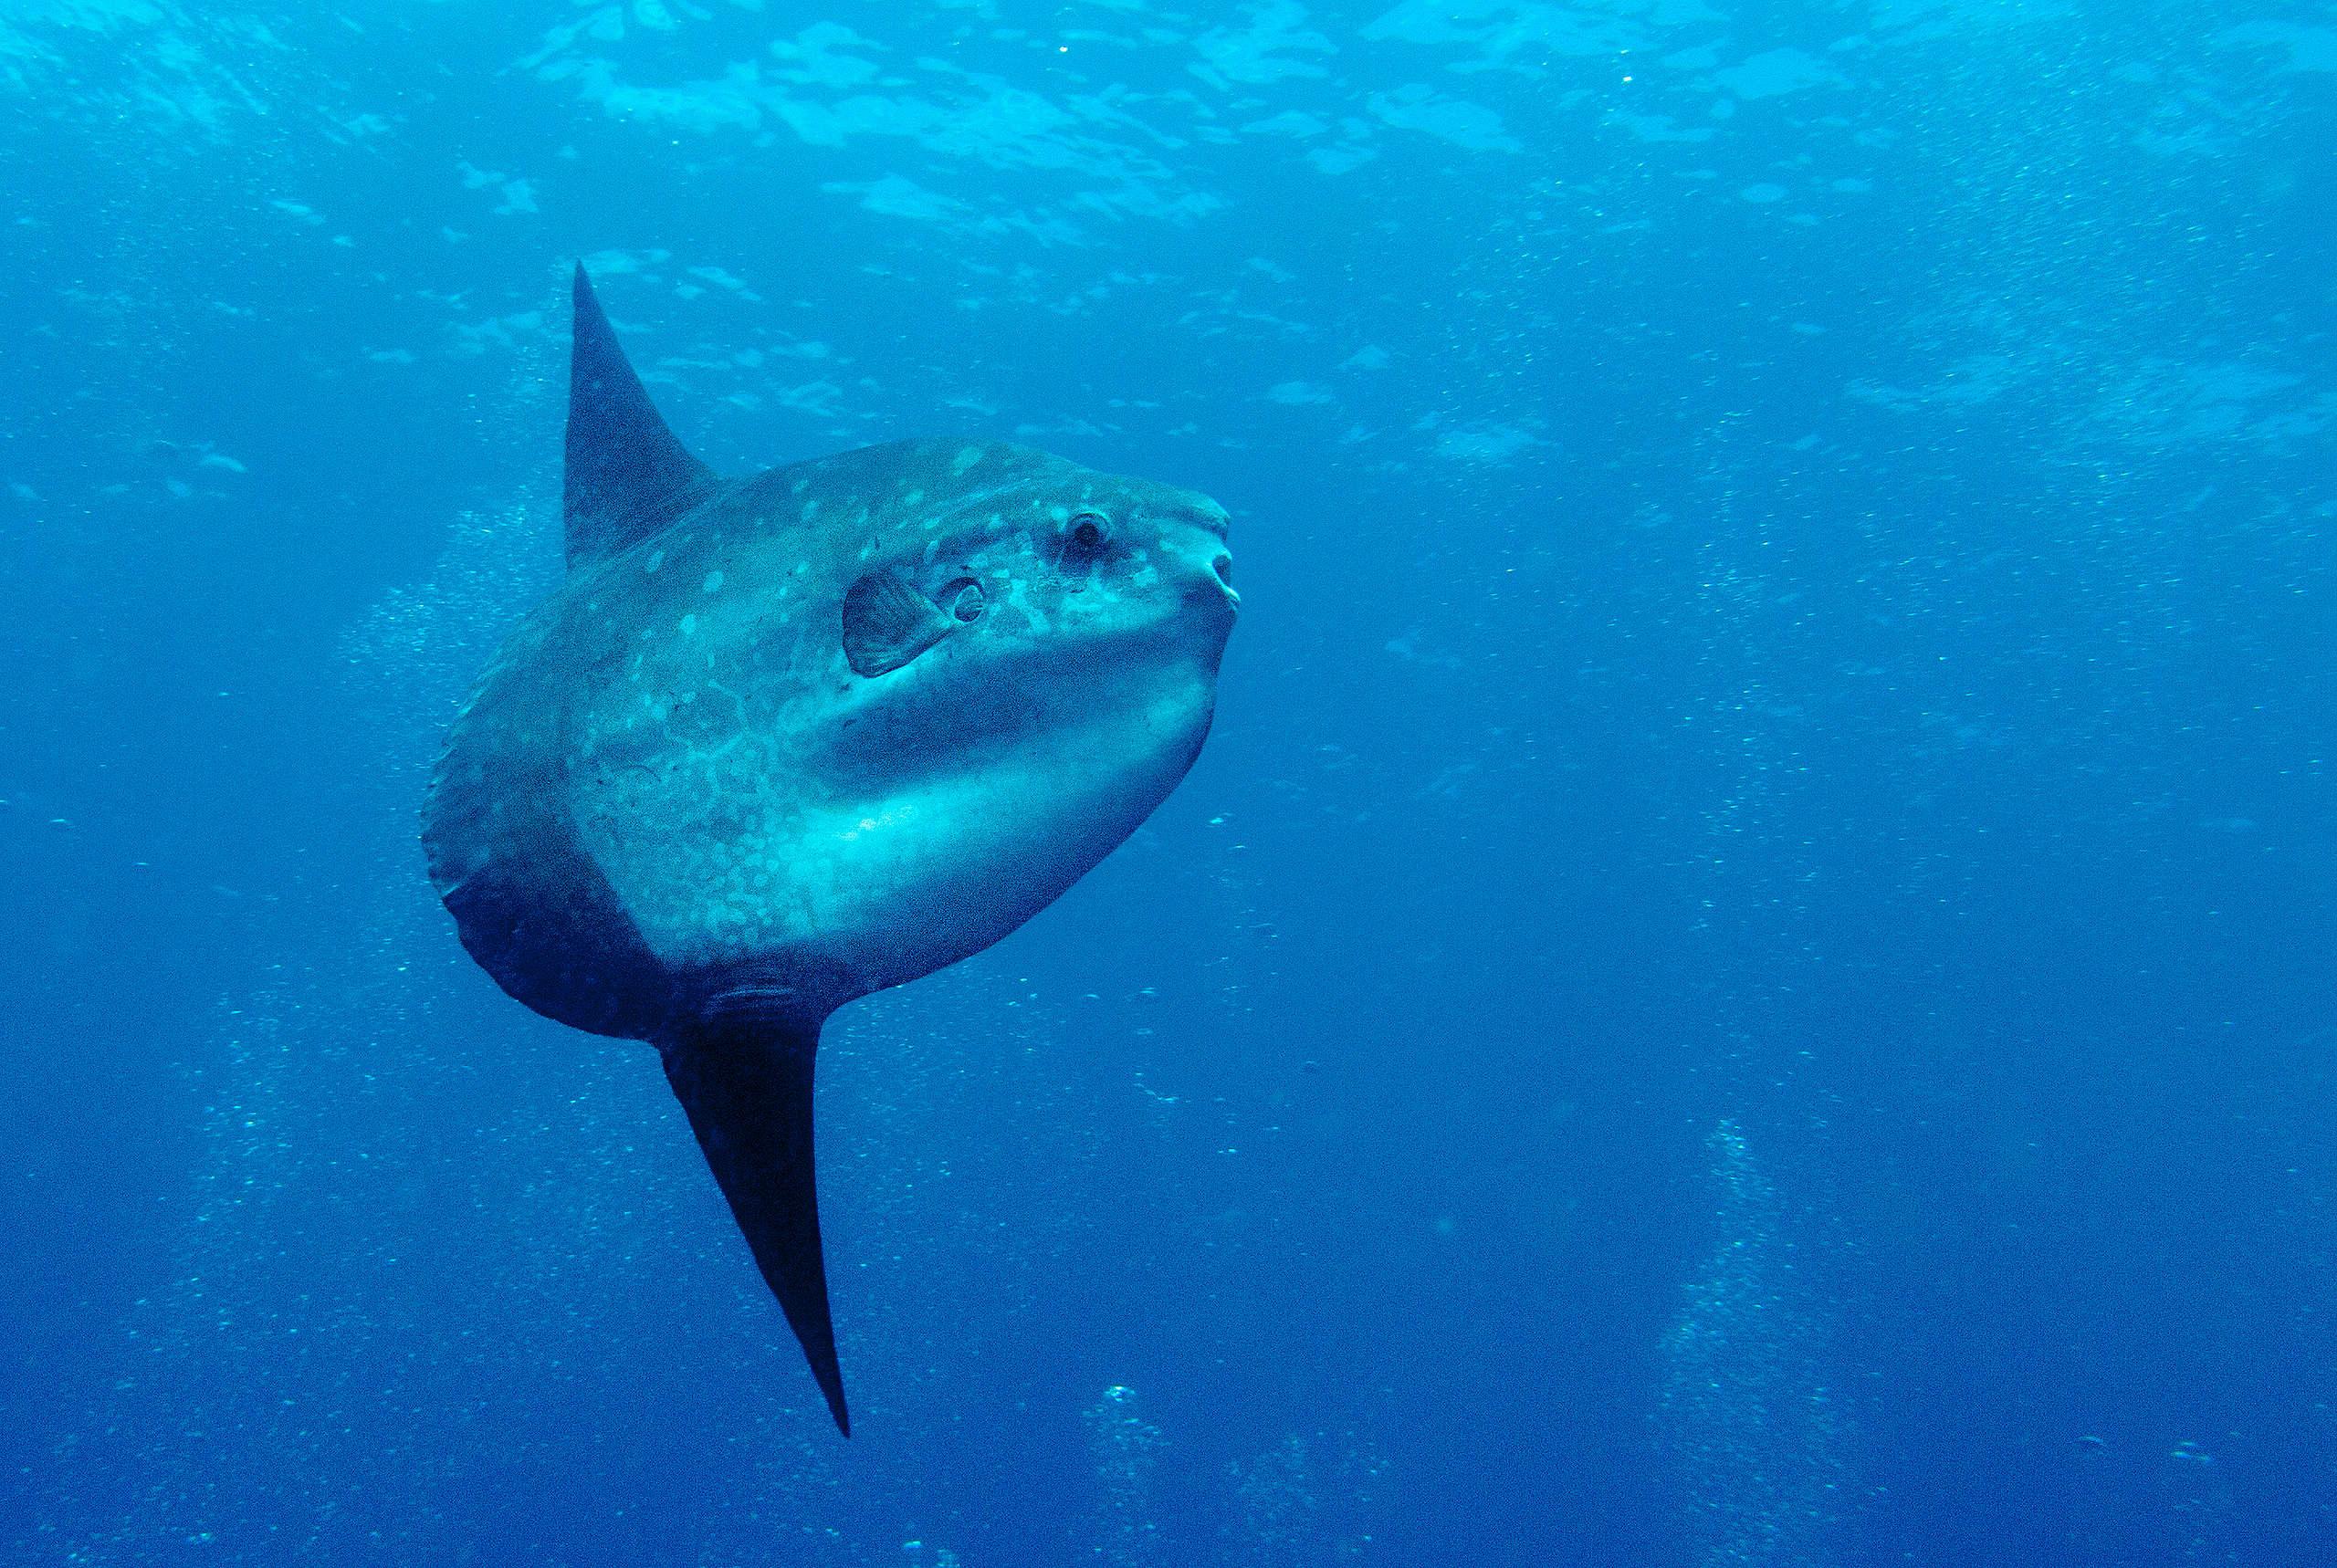 Mola mola也被稱作「翻車魚」或「曼波魚」,體型巨大可達3公尺、1000公斤,但溫和的性格使牠們容易被獵捕,在臺灣的魚群數量大減。